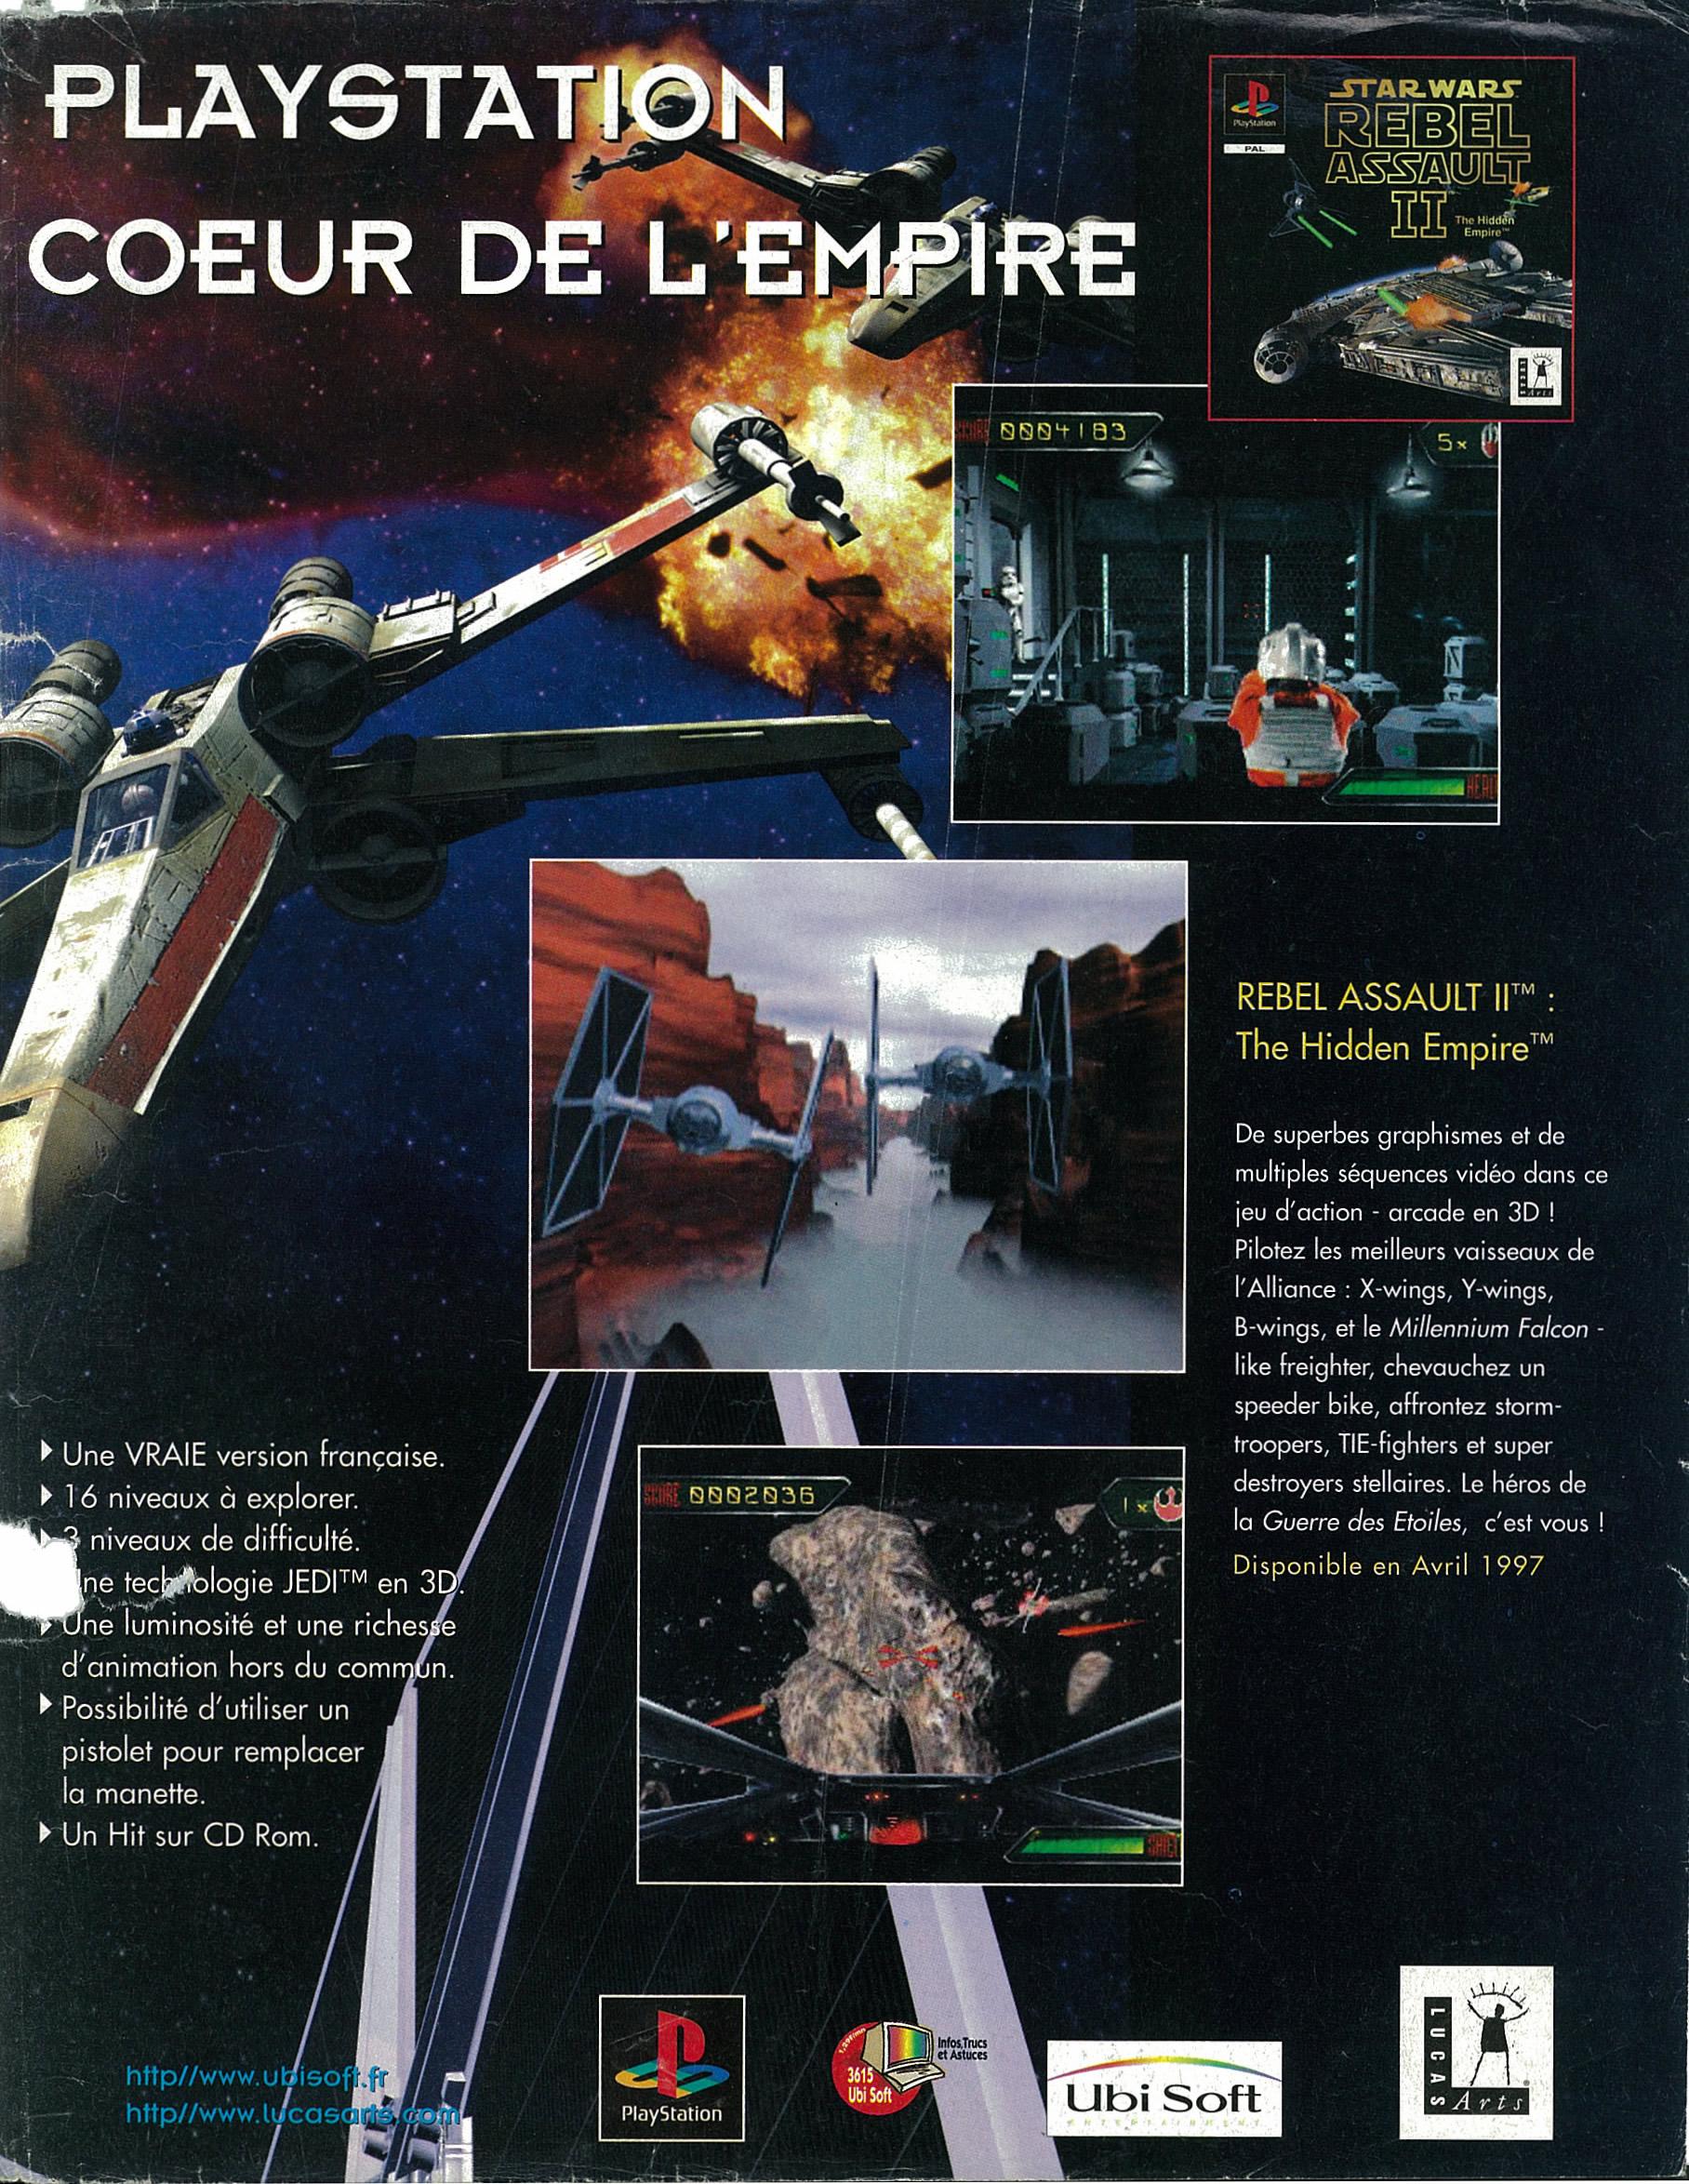 Star wars : dark forces  / Star wars : rebel aussault 2 Consoles%20%2B%20064%20-%20Page%20003%20(avril%201997)